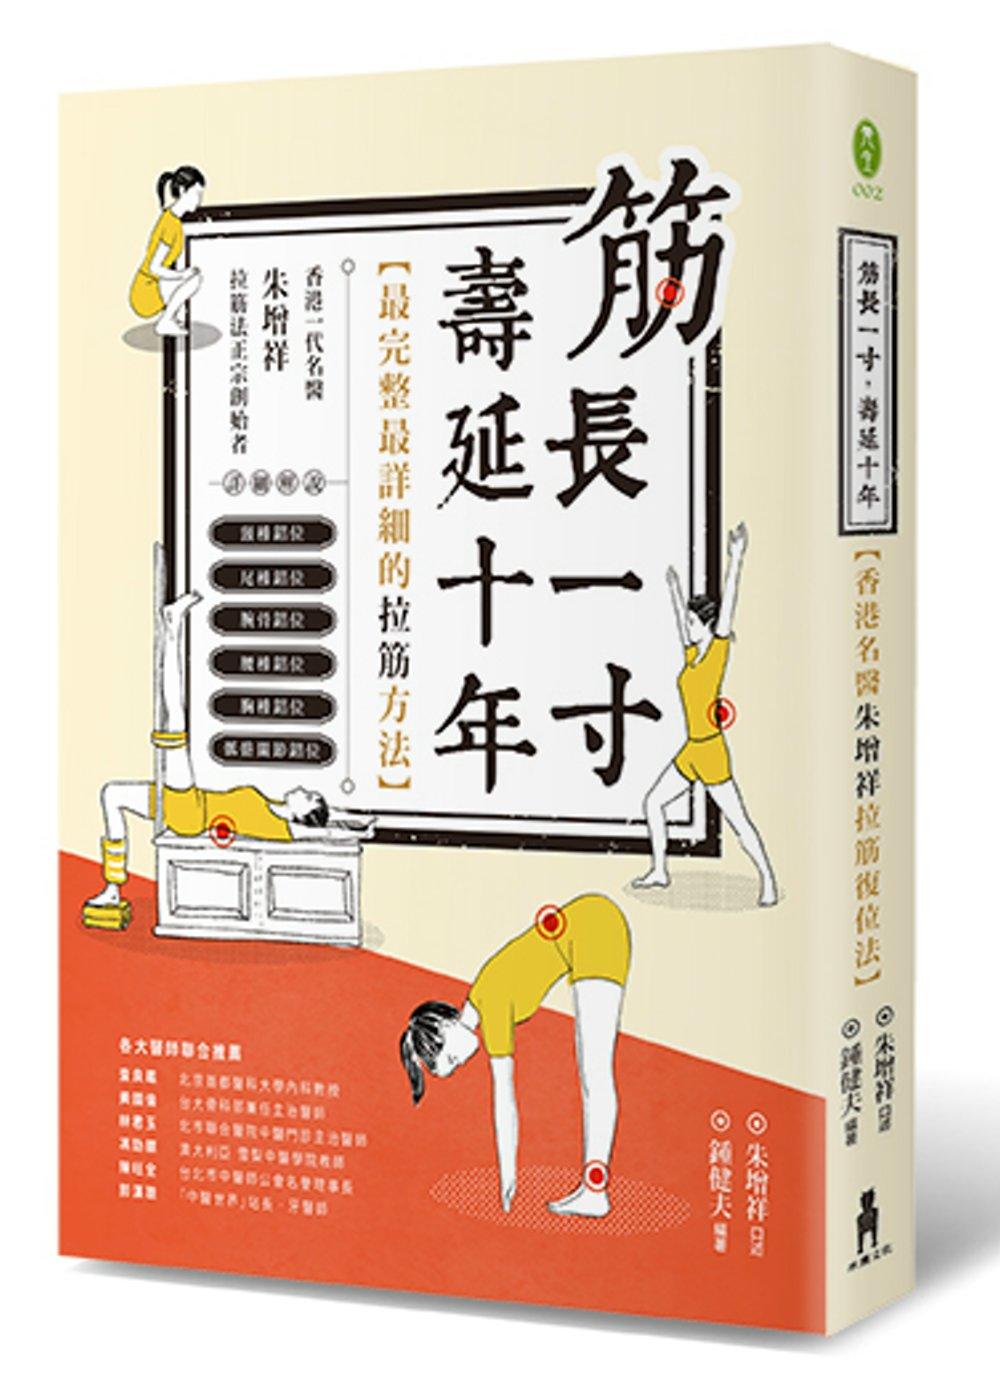 筋長一吋 壽延十年:香港名醫朱?祥拉筋復位法